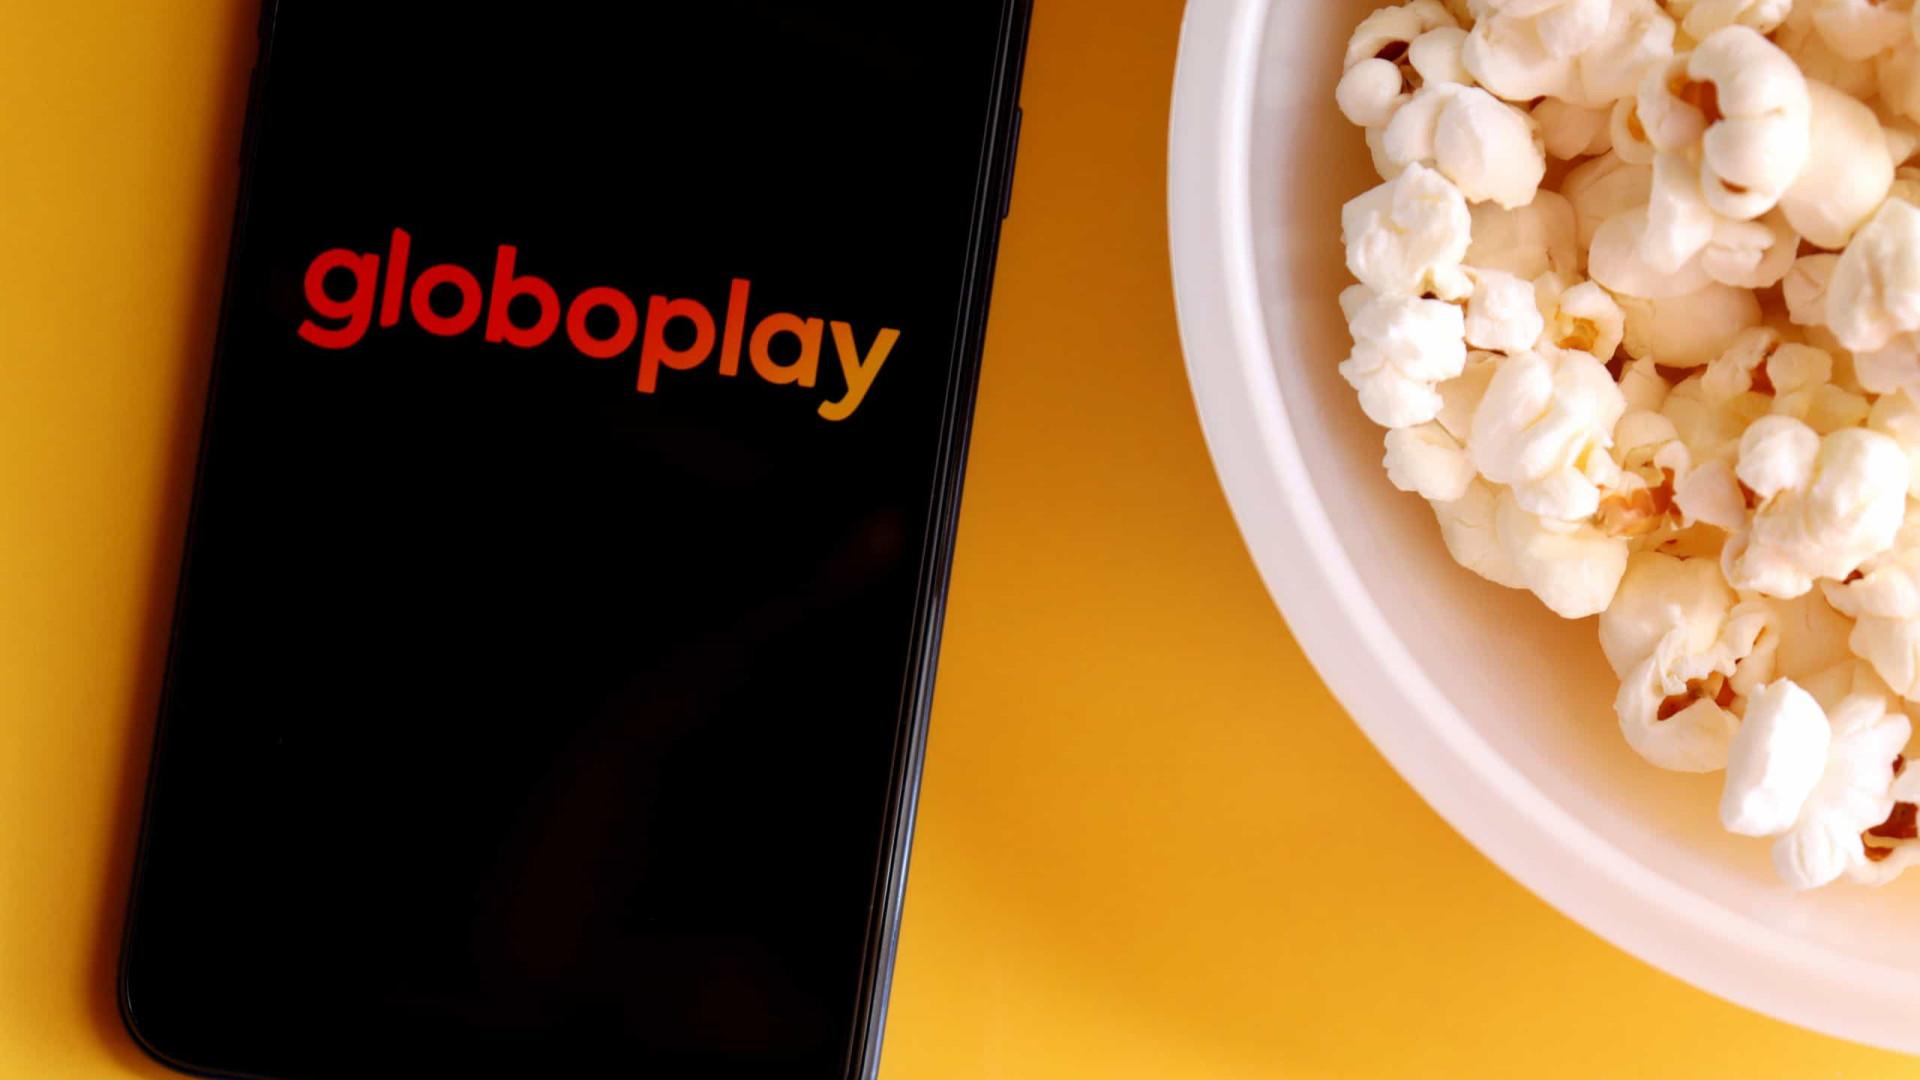 Serviço de streaming GloboPlay chega a Portugal em outubro